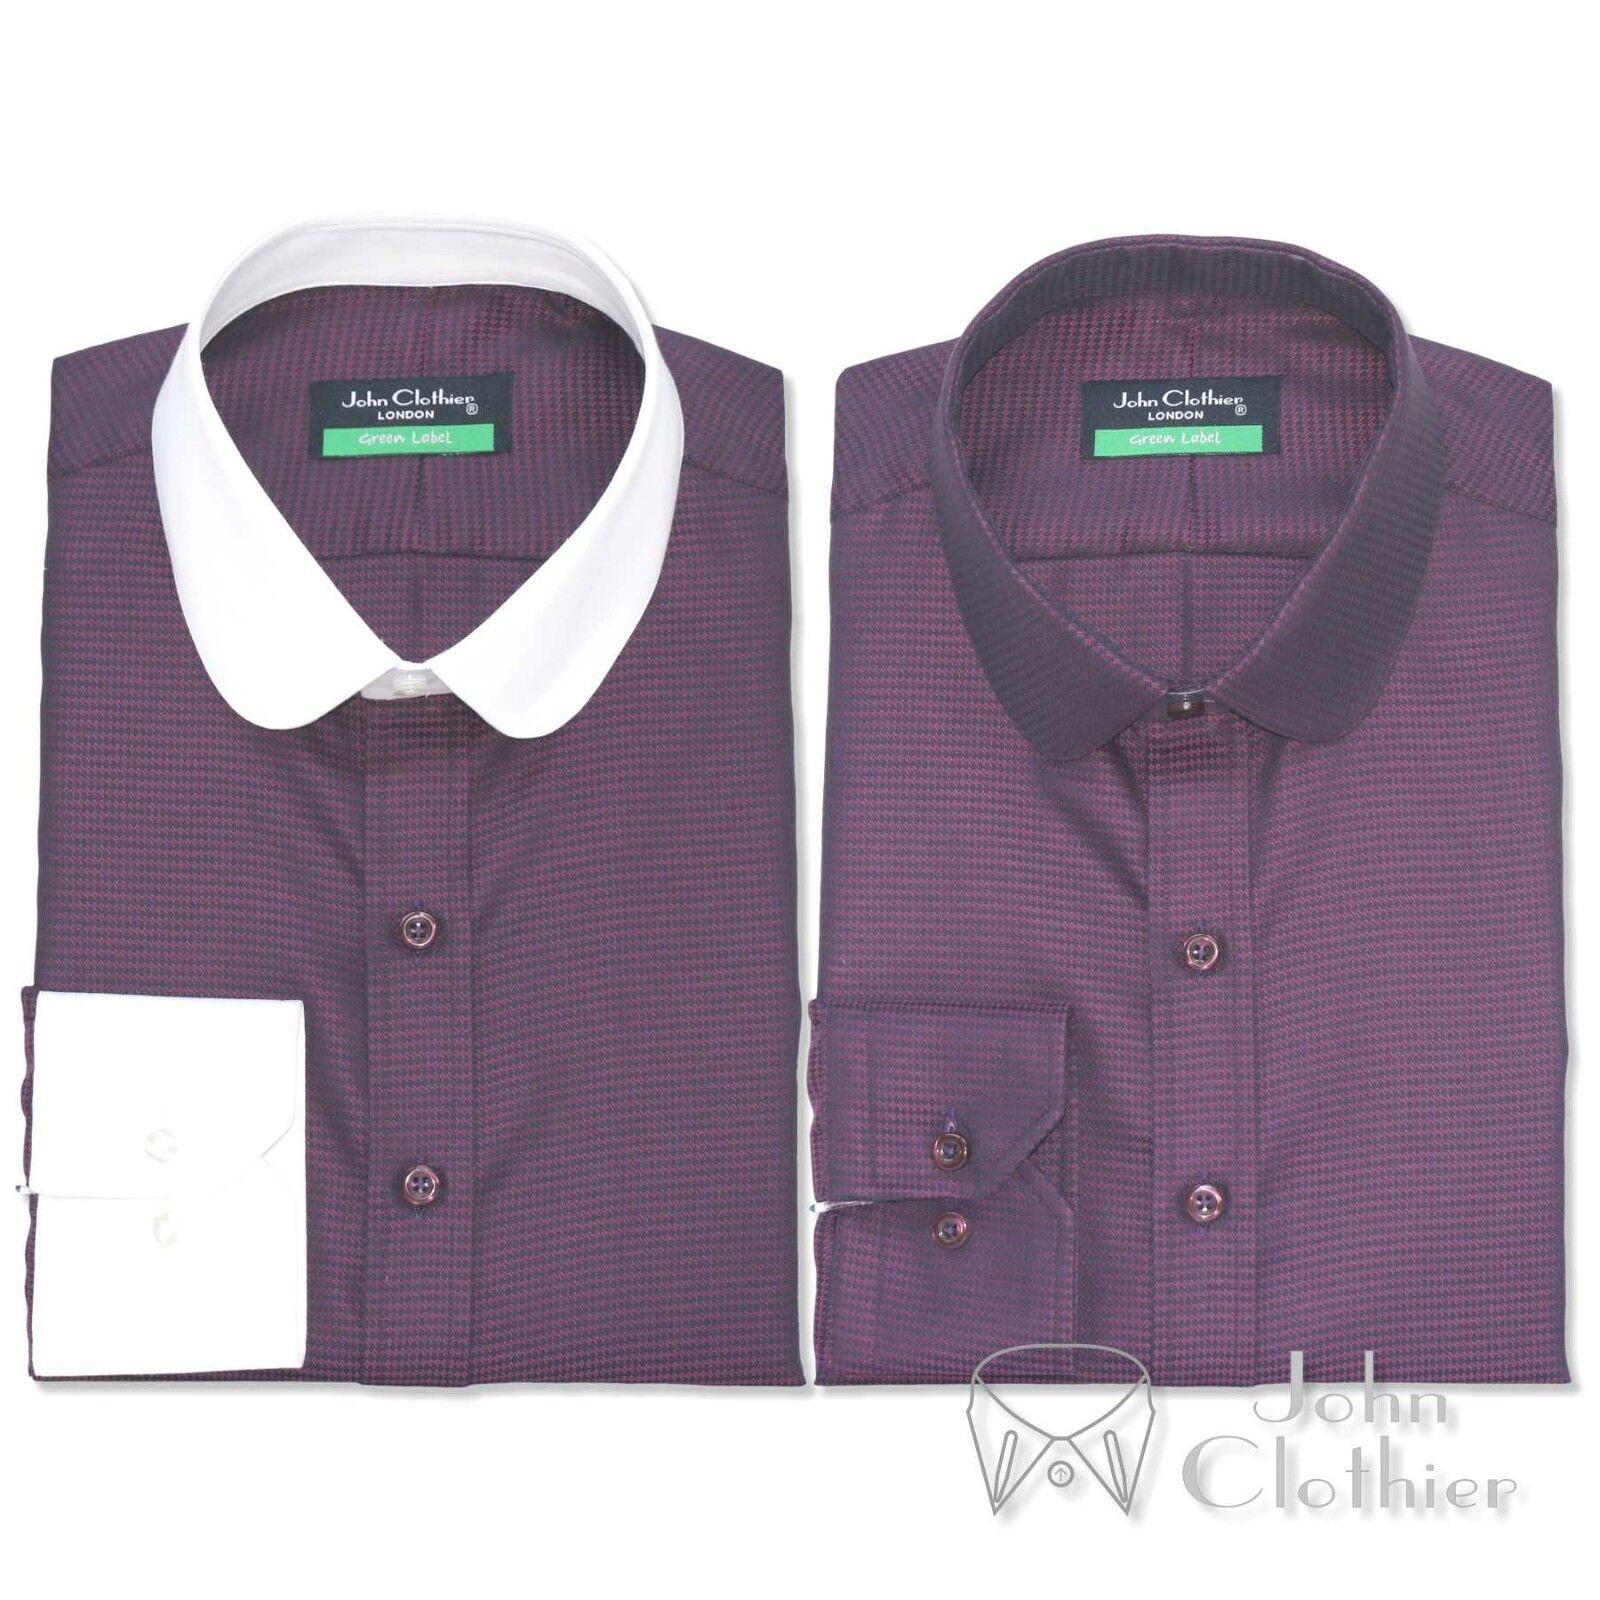 Penny Kragen 100% Baumwolle Herren Shirt Maroon Oxford Bankier weiß Club rund